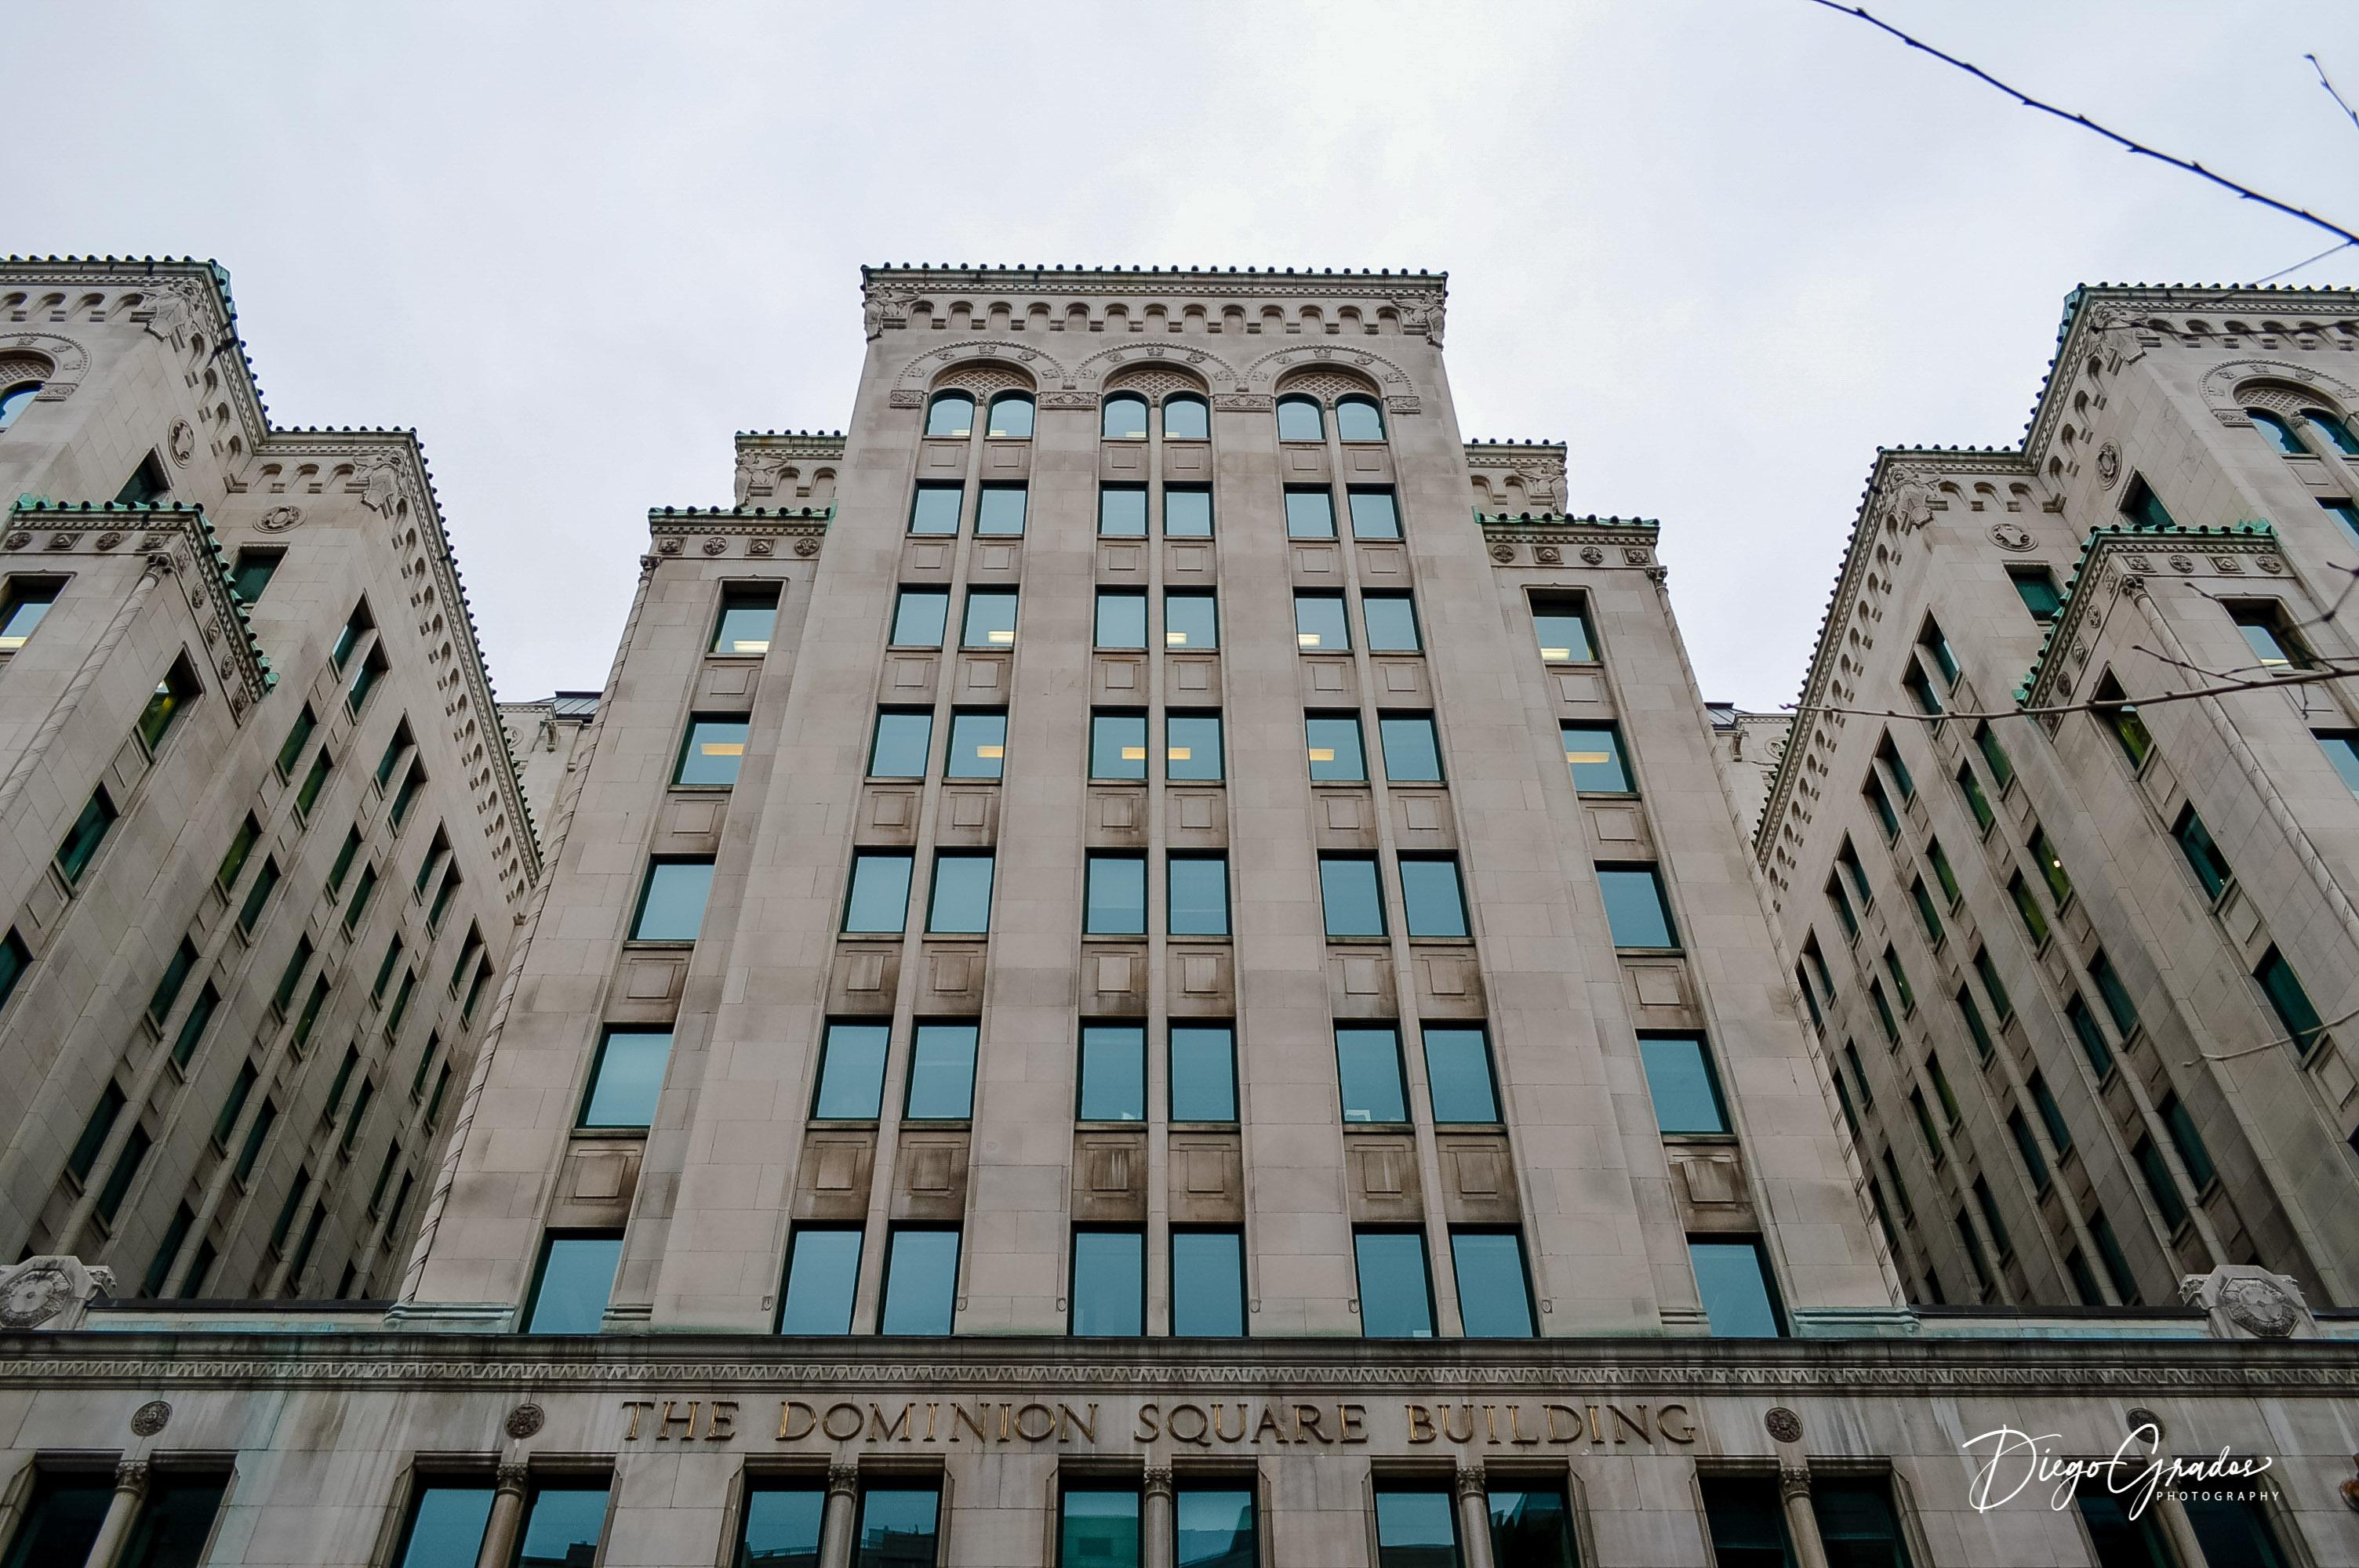 The Dominion Square Building